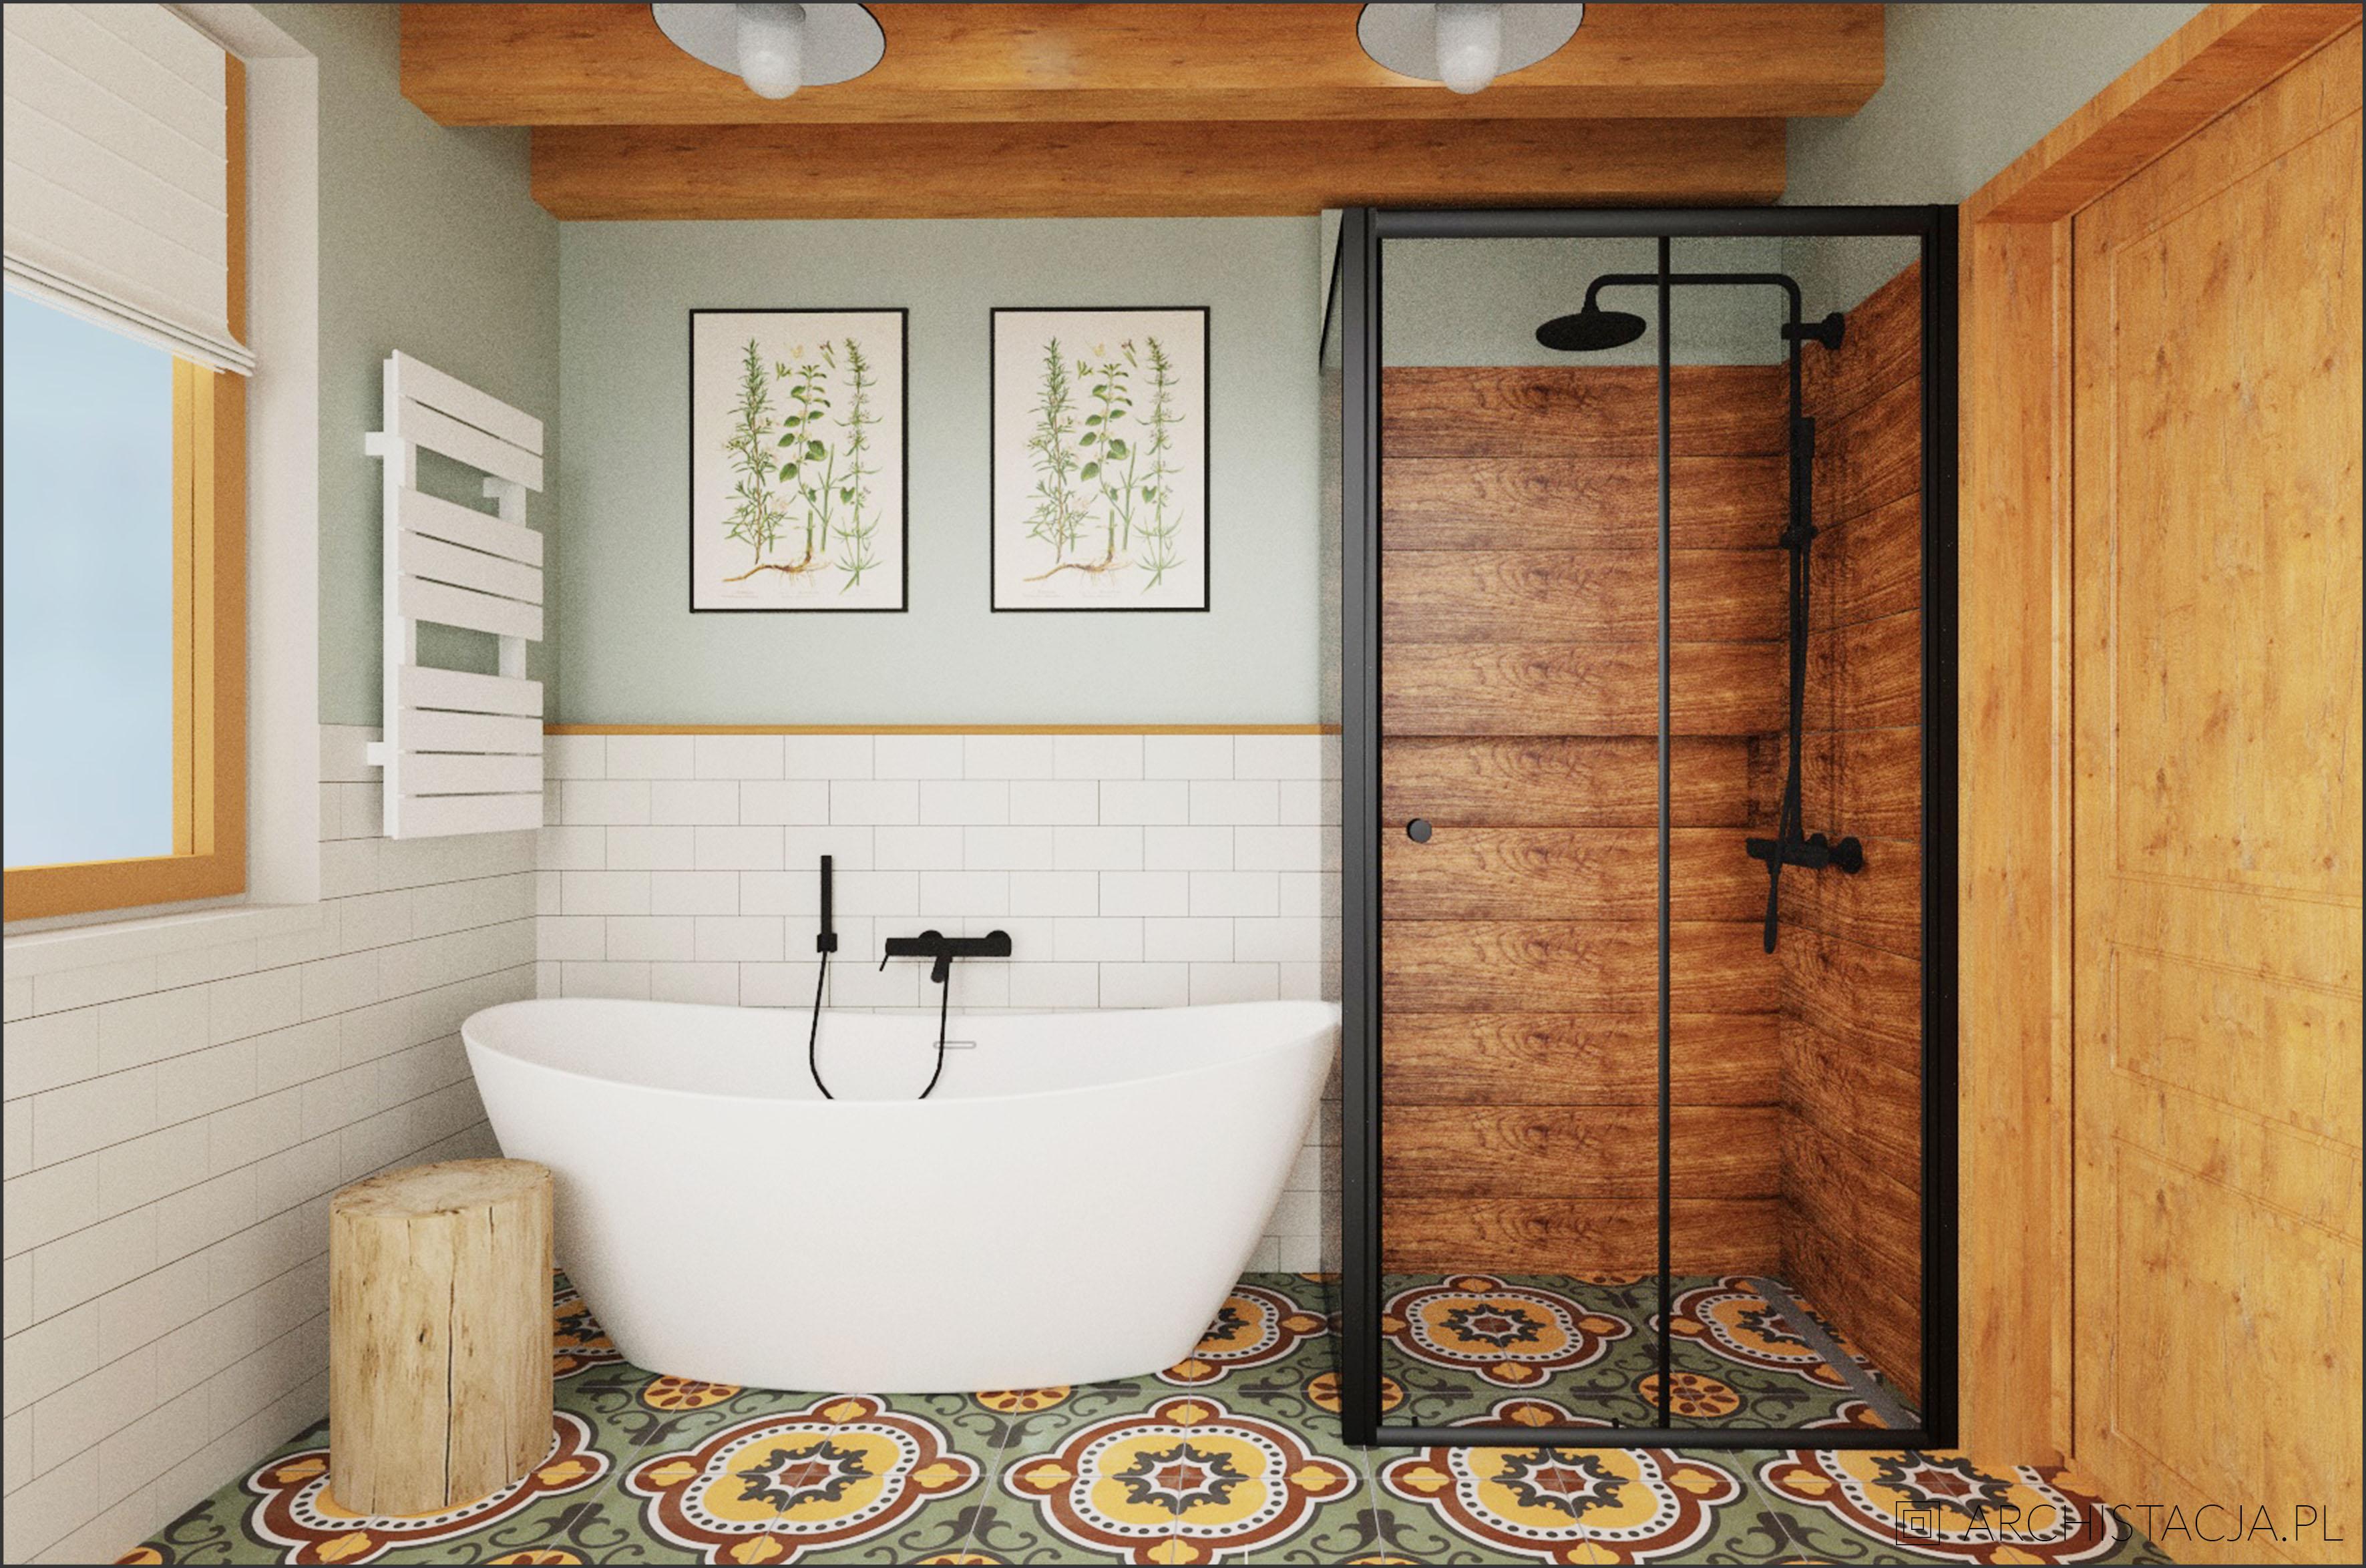 Projekt Retro Naturalnie łazienka Archistacja